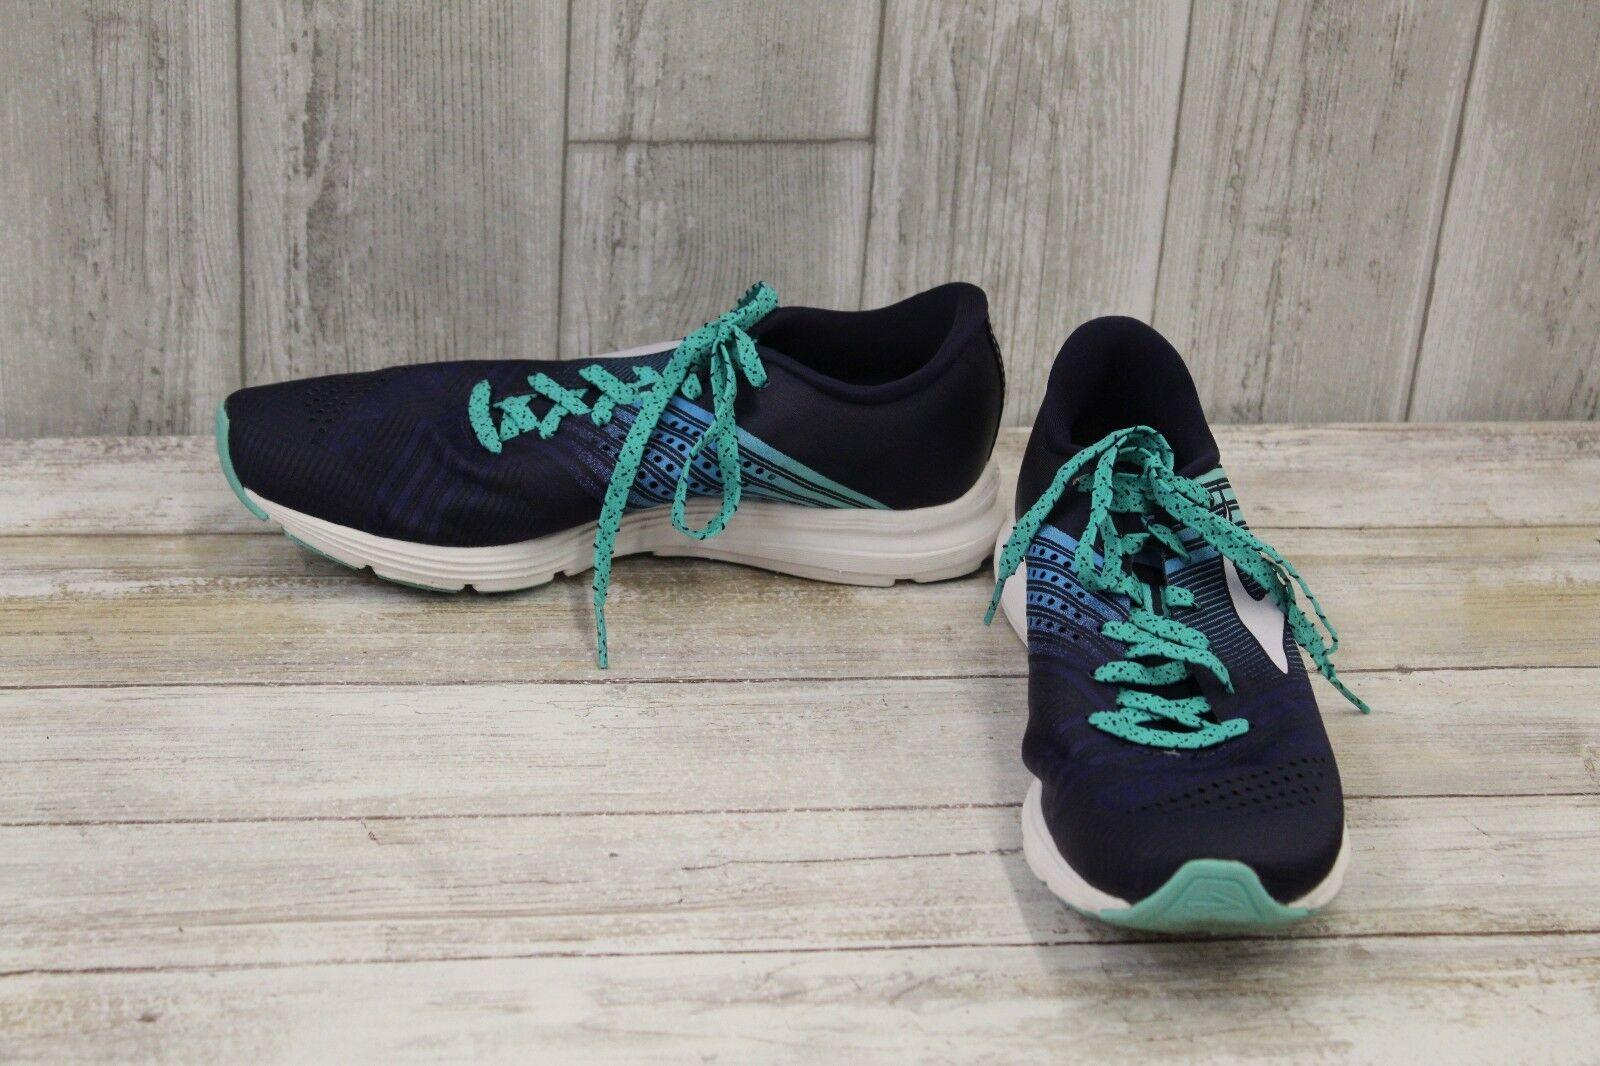 Brooks Hyperion Tenis para Correr-Para Mujer Talla 7.5 B, B, B, azul verde azulado  la calidad primero los consumidores primero